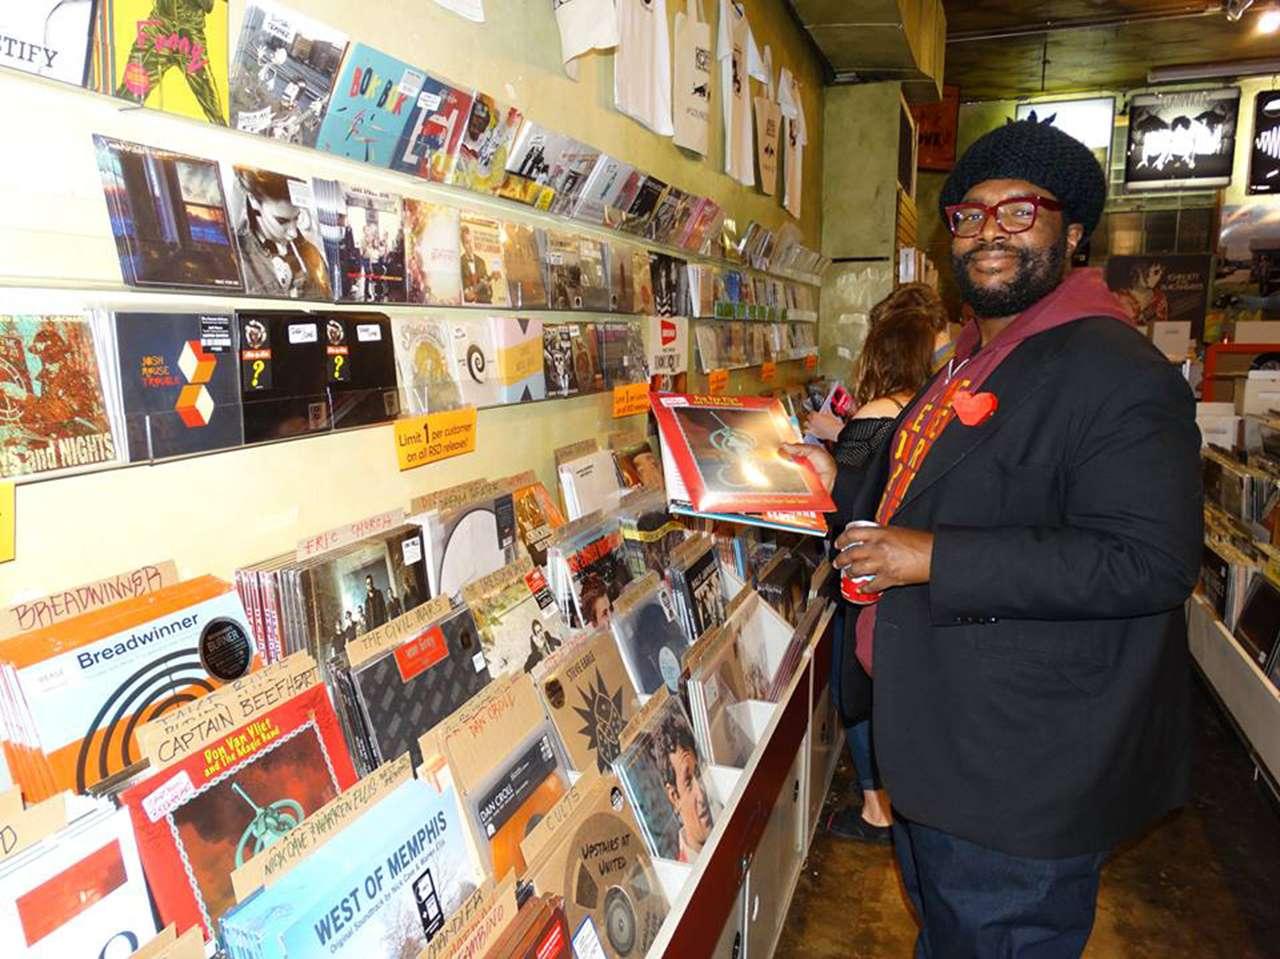 Parece que varios distribuidores y dueños de tiendas de discos están comprometidos a participar en la interesante iniciativa. Foto: facebook.com/RecordStoreDay